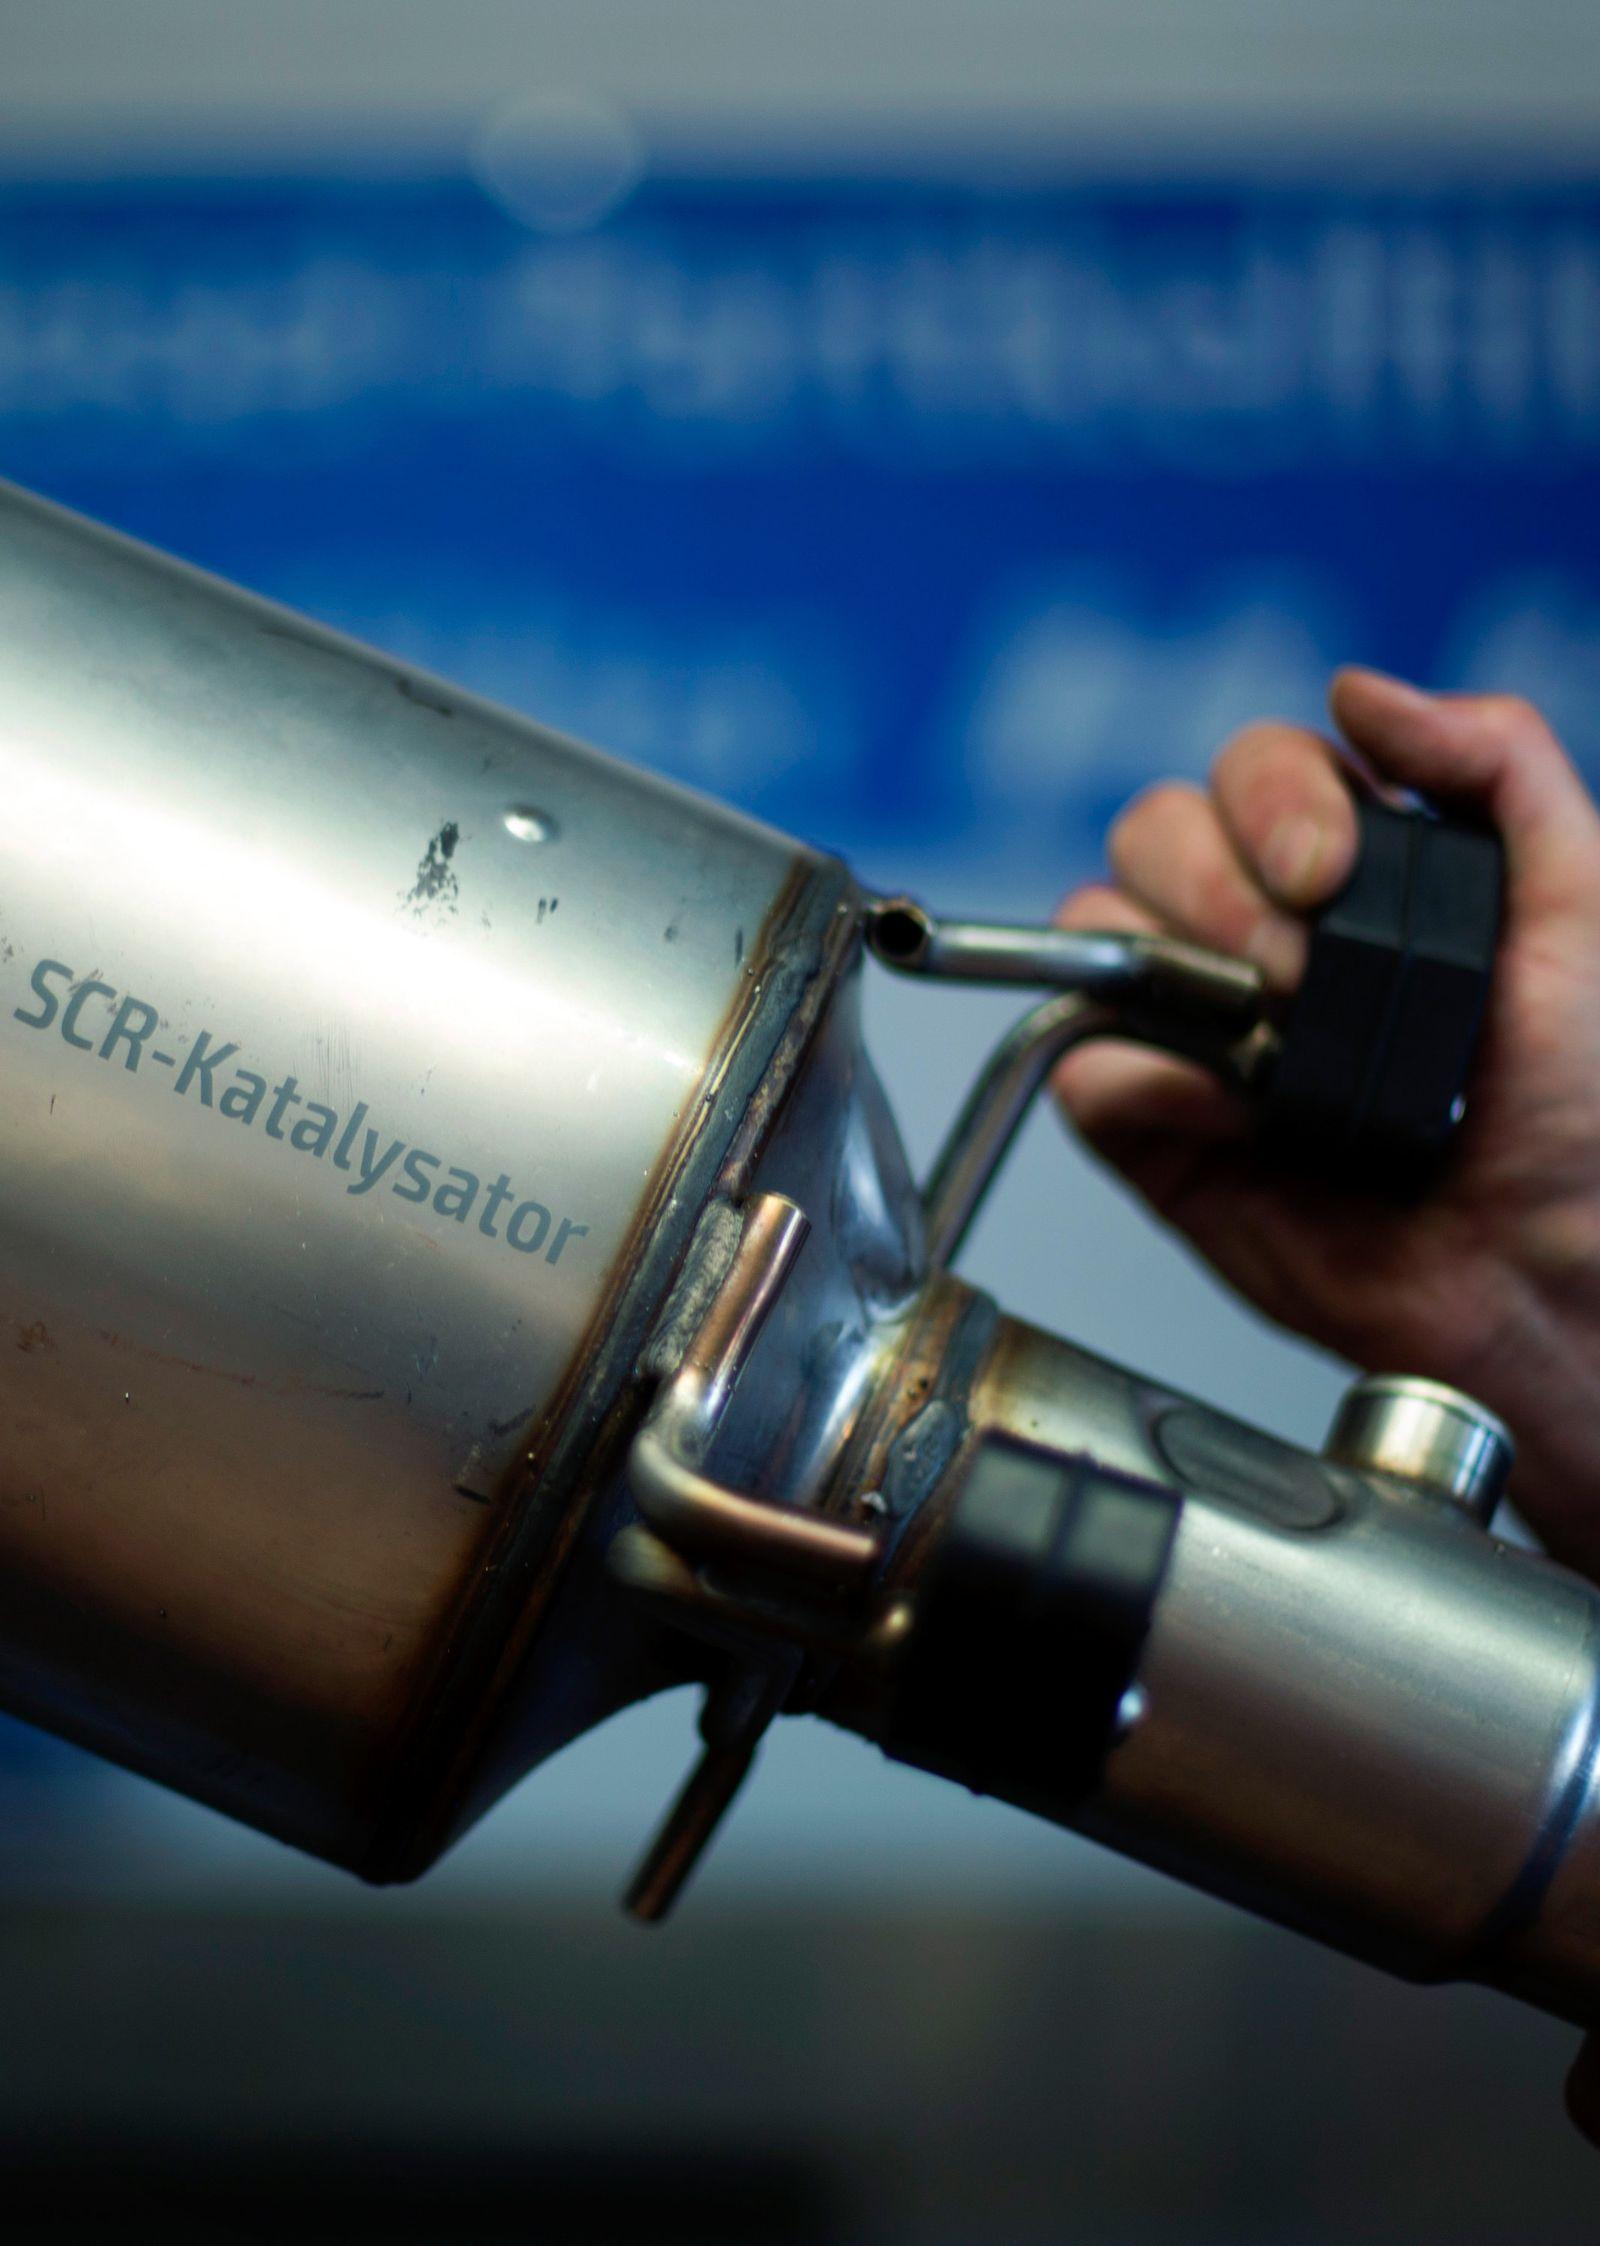 SCR-Katalysator